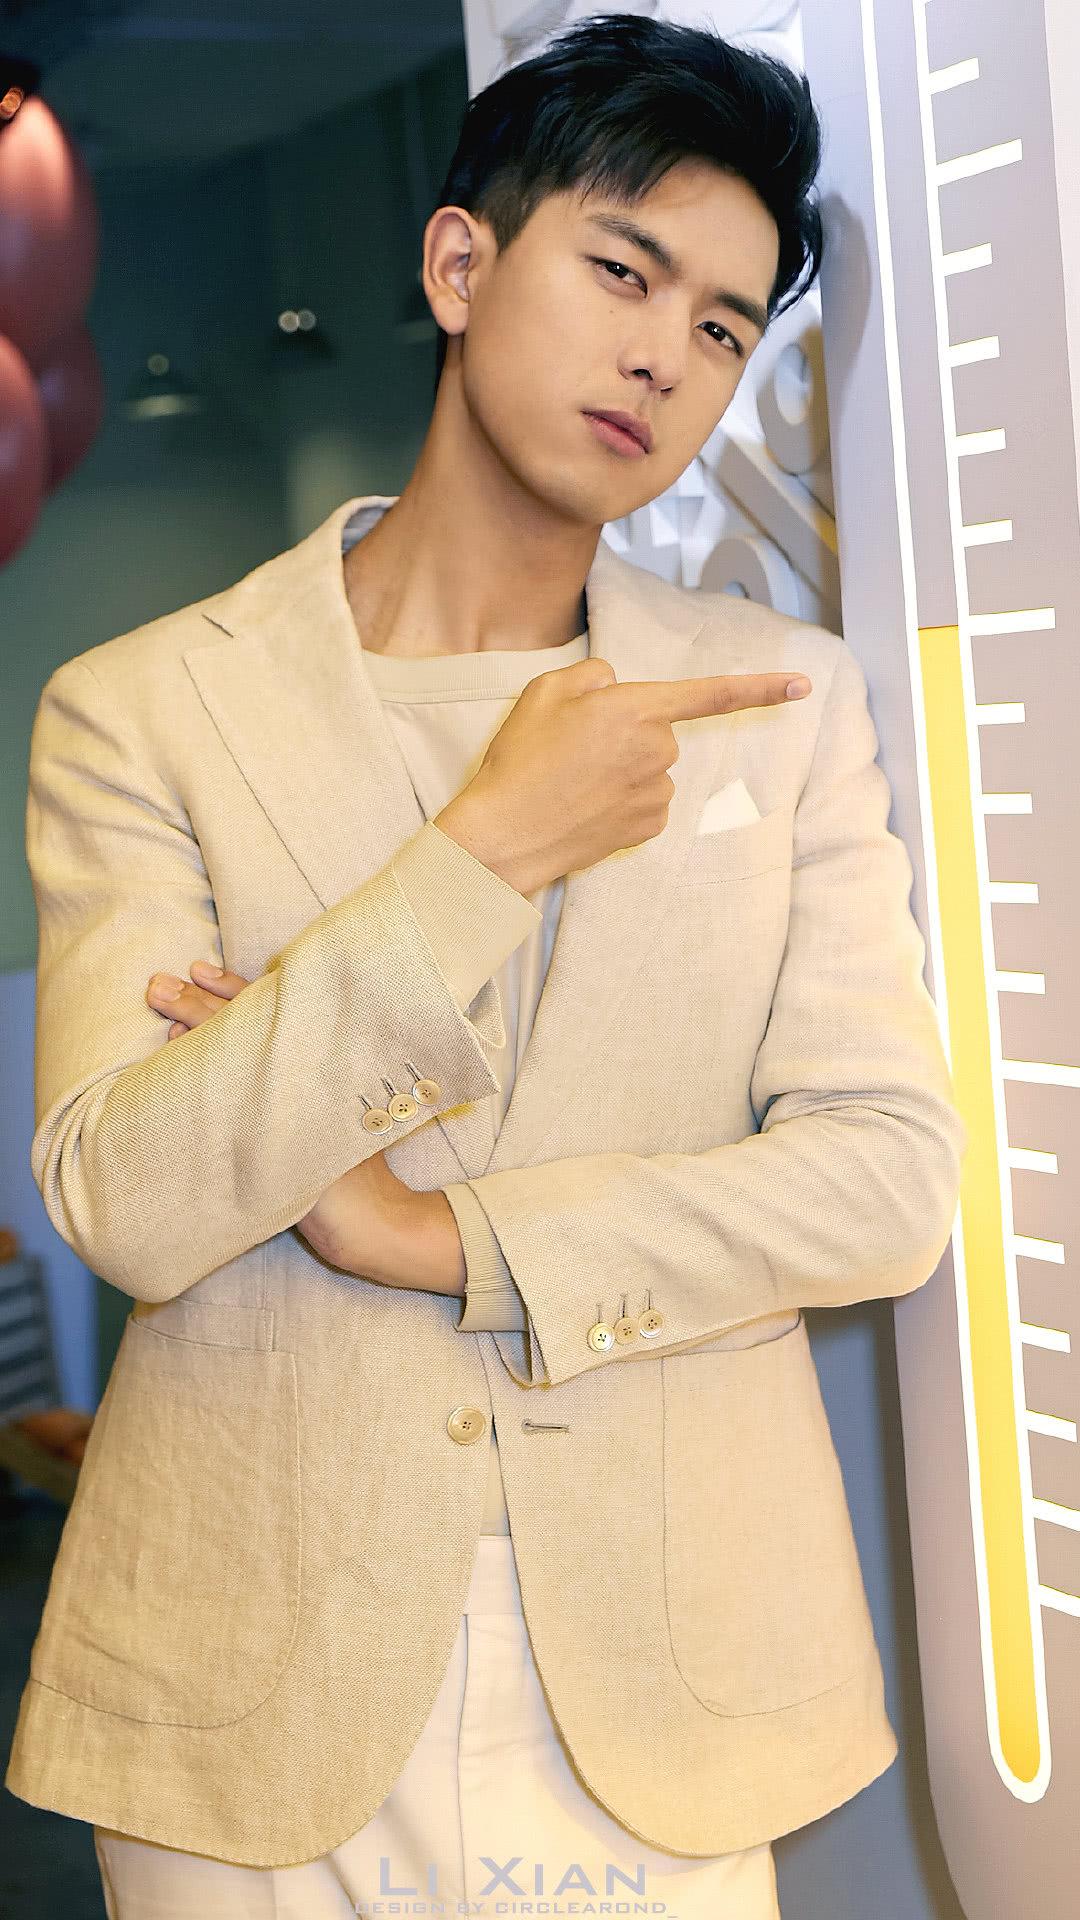 本以为李现穿西装已经够帅了,没想到换上工装外套,居然更惊艳!